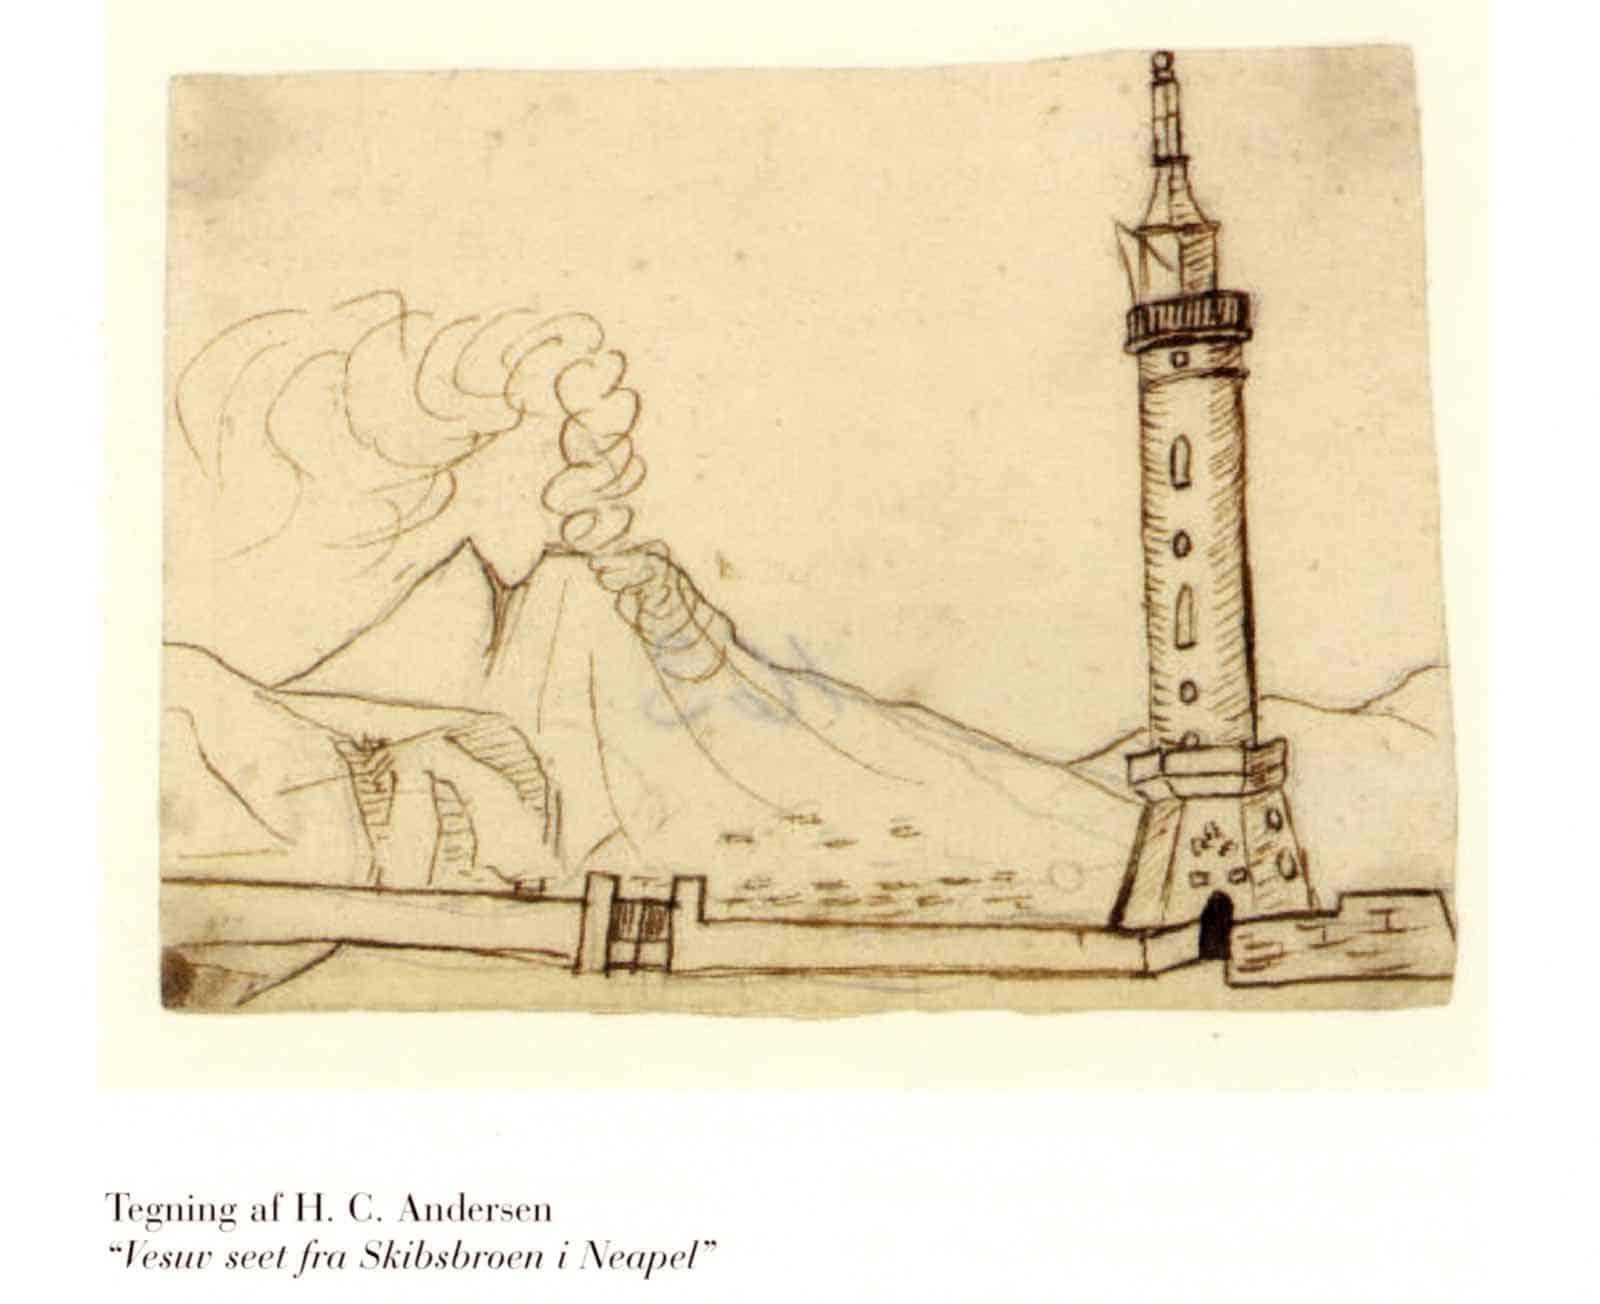 H.C. Andersens tegning af Vesuv fra 1834.